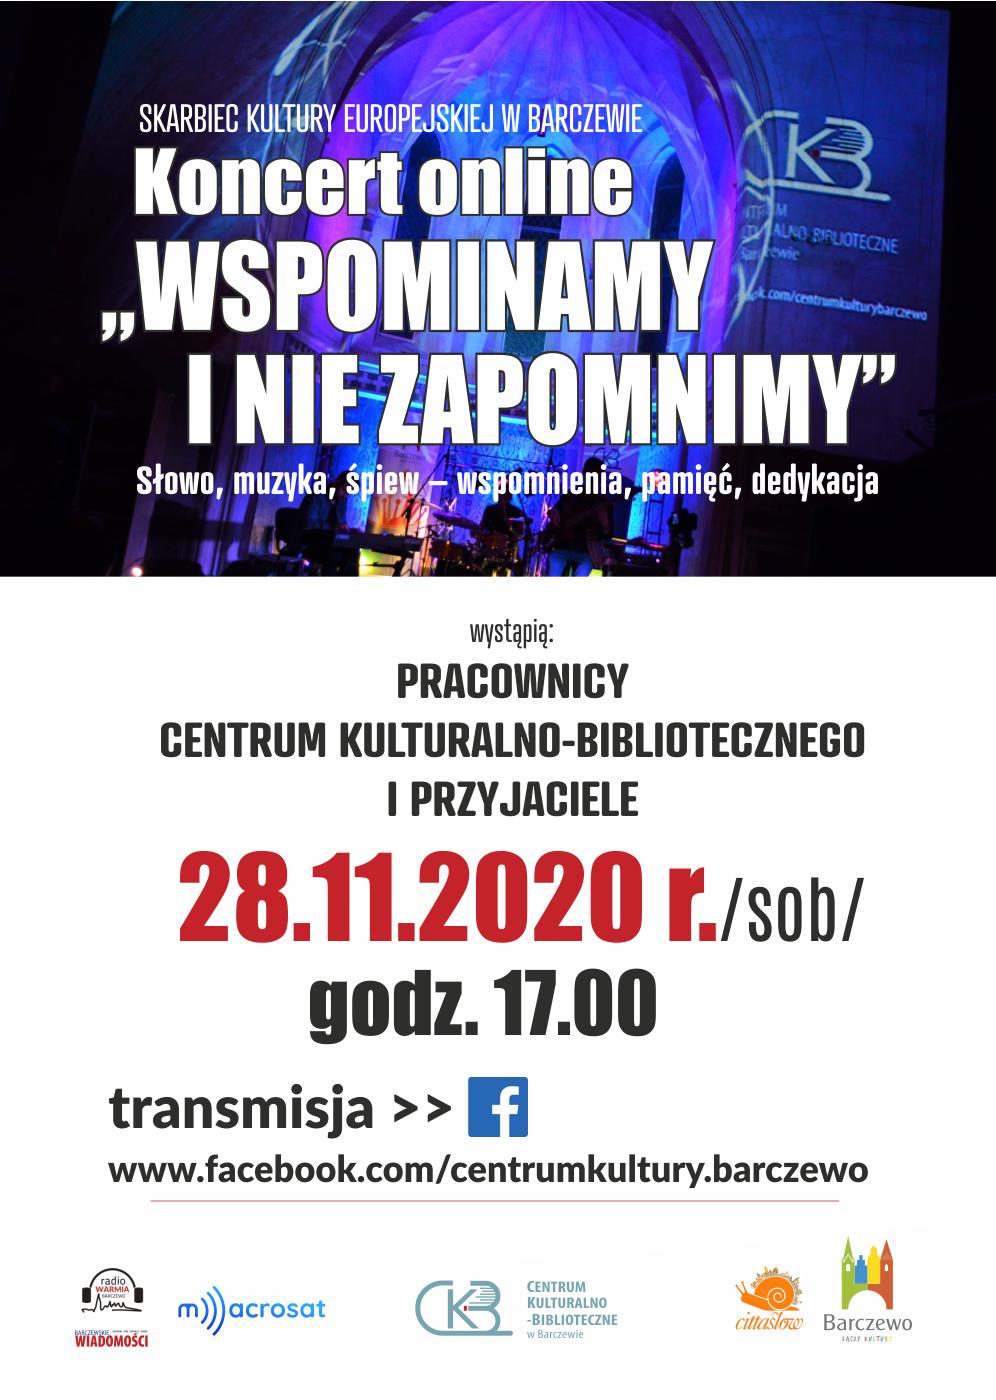 Wspominamy i nie zapomnimy – koncert online